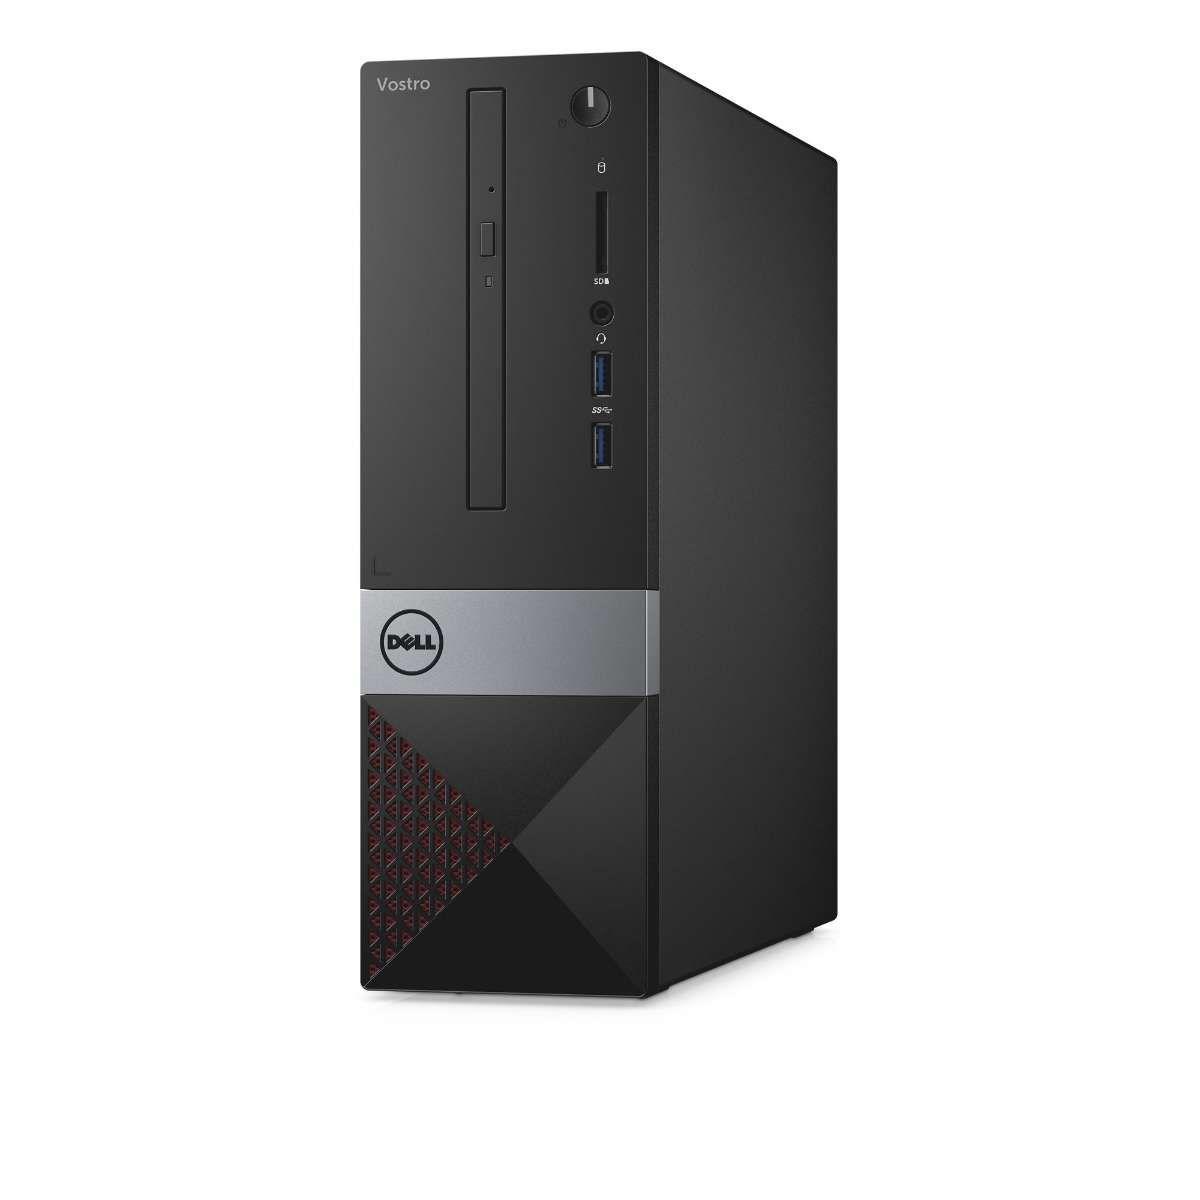 Computador Dell Vostro 3268 SSF Intel Core i3 7100 4GB 500GB W10 Pro